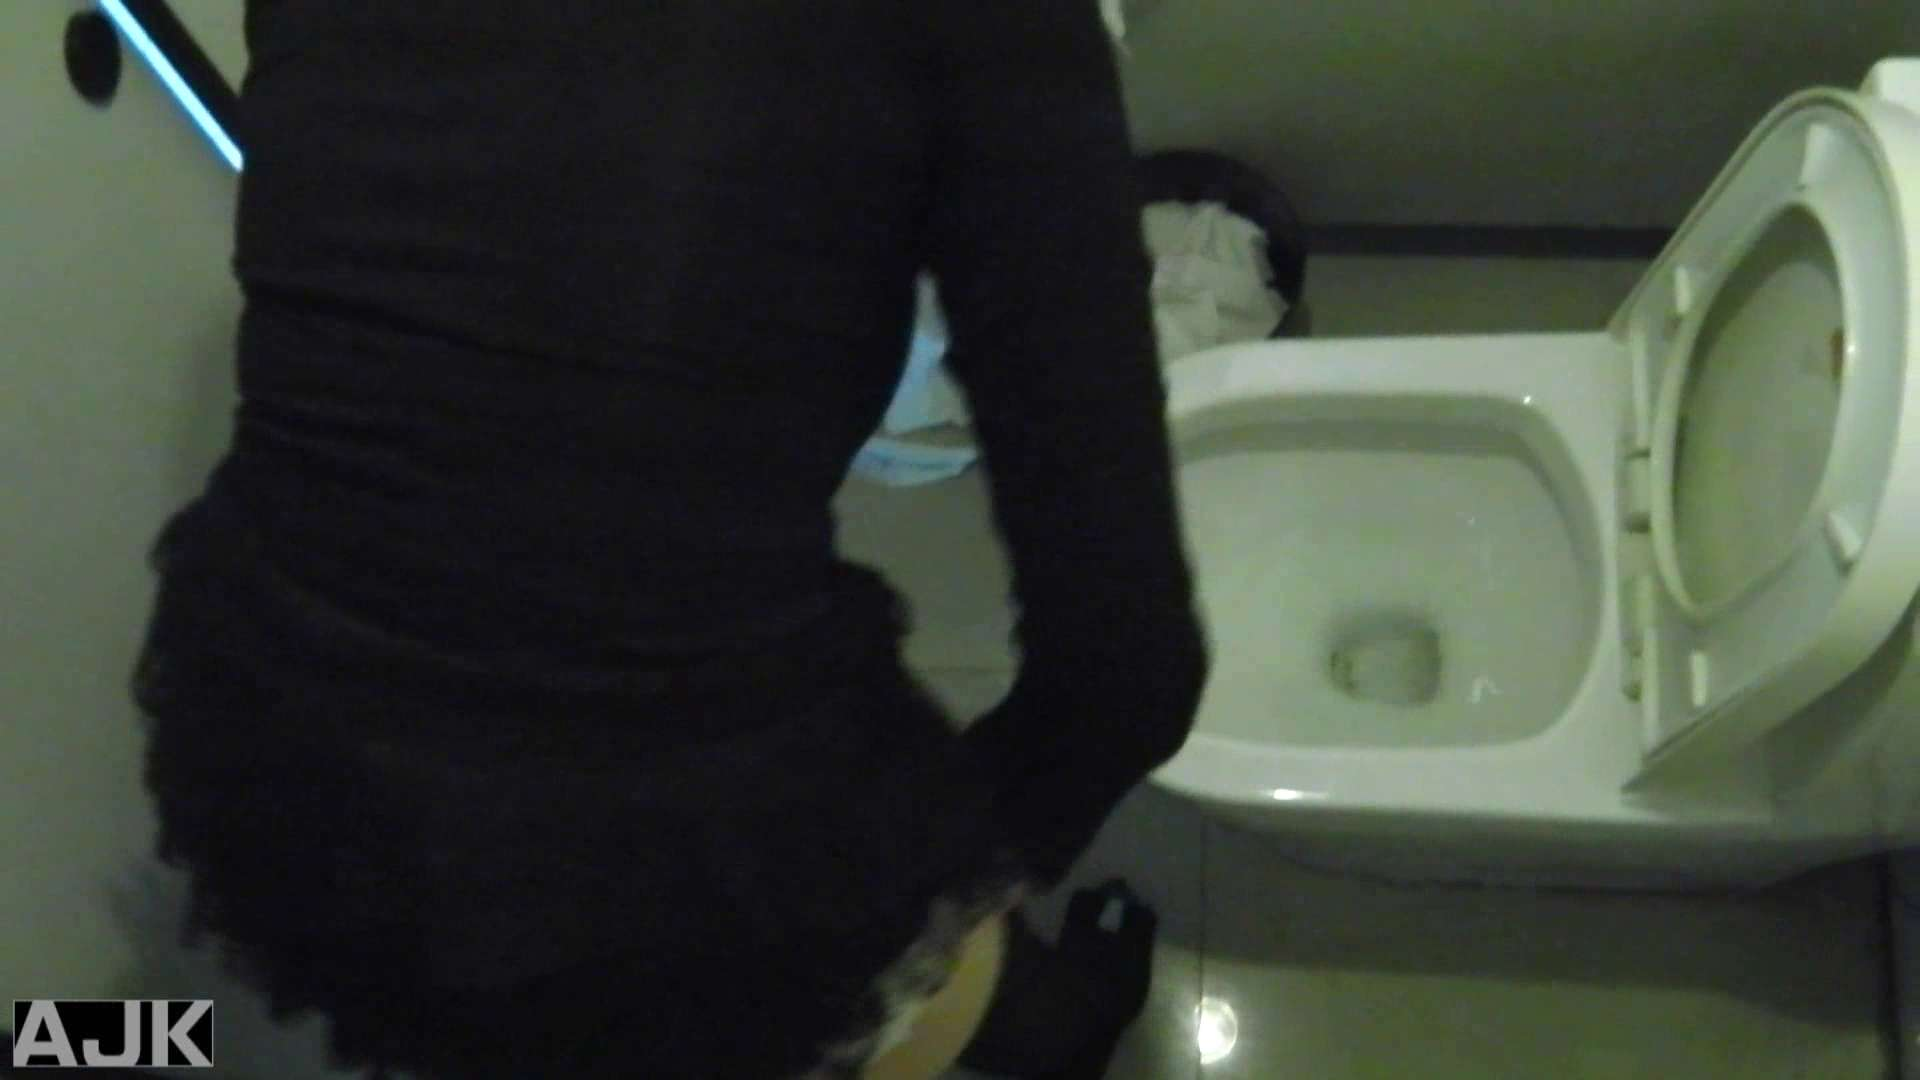 隣国上階級エリアの令嬢たちが集うデパートお手洗い Vol.23 OLの実態 | お手洗い  92pic 19